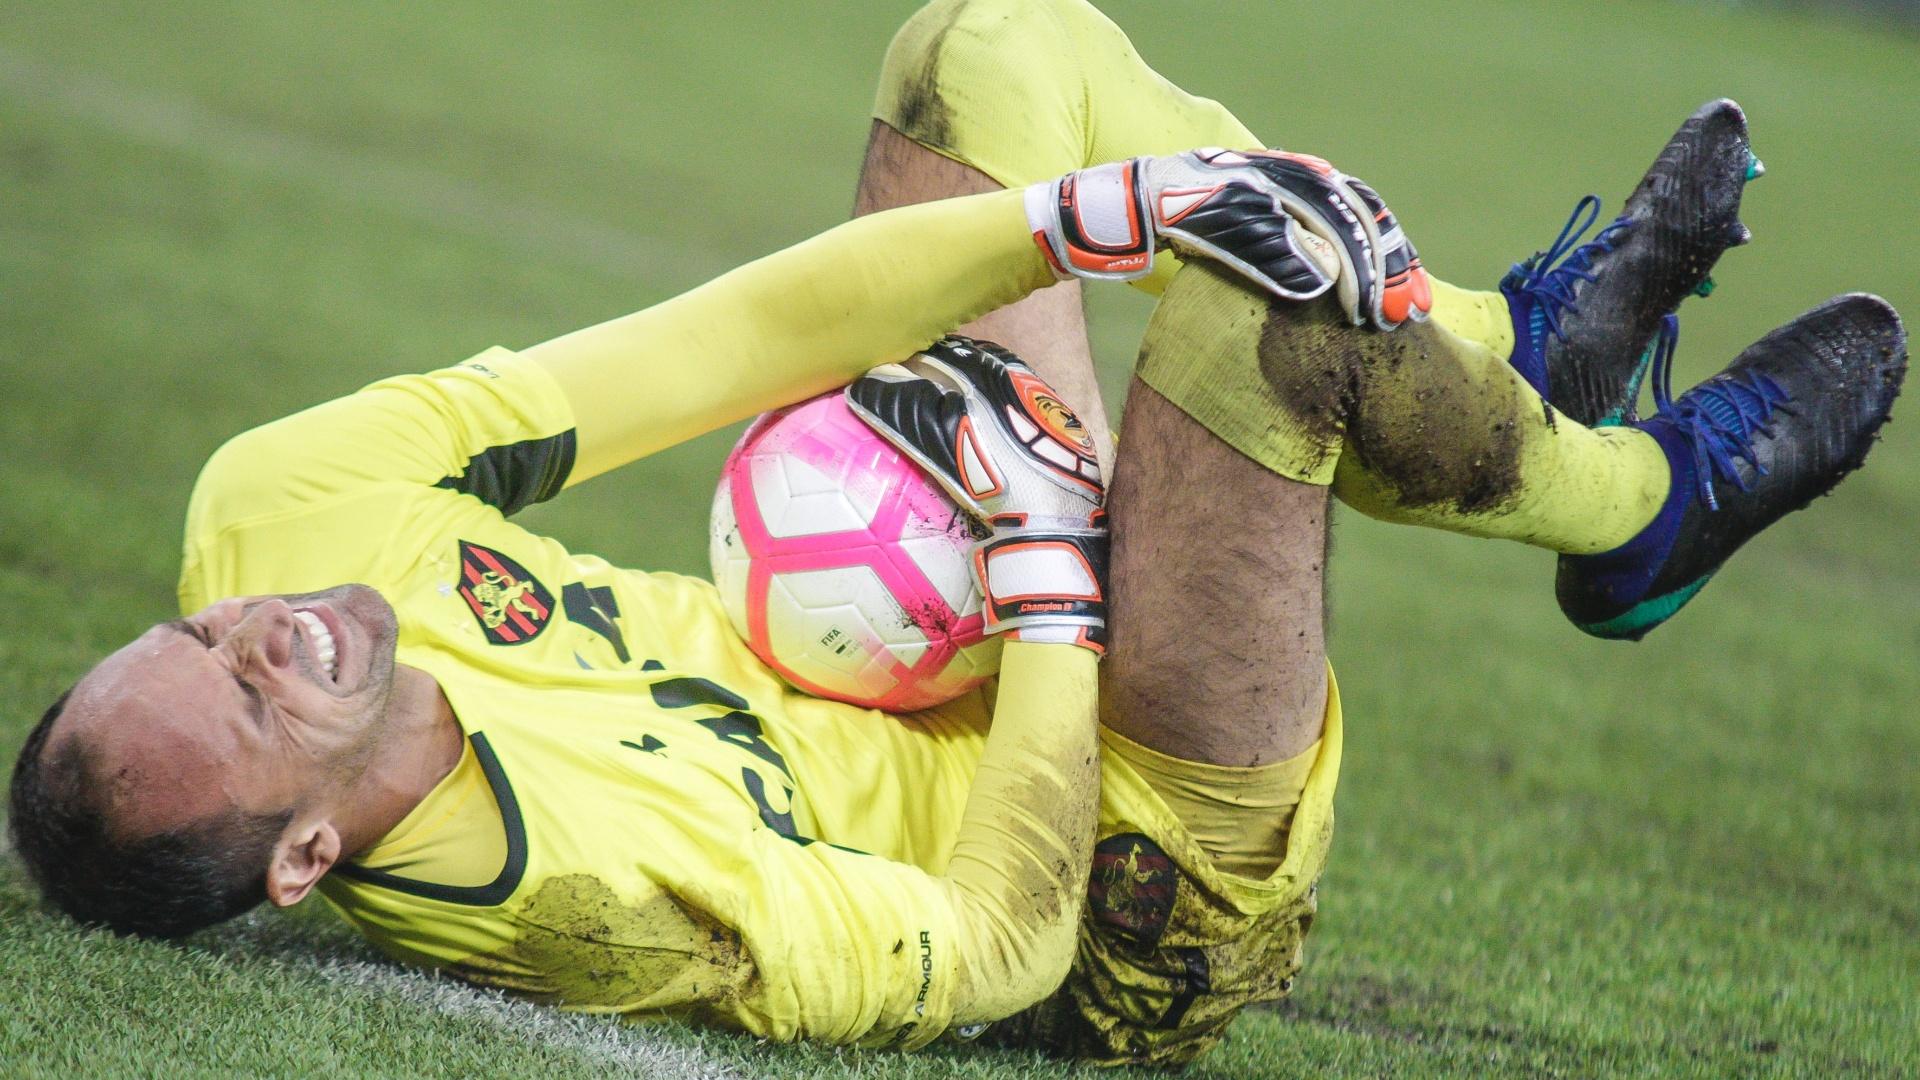 Goleiro Magrão sente lesão e deixa Sport com um a menos em duelo contra o Atlético-PR